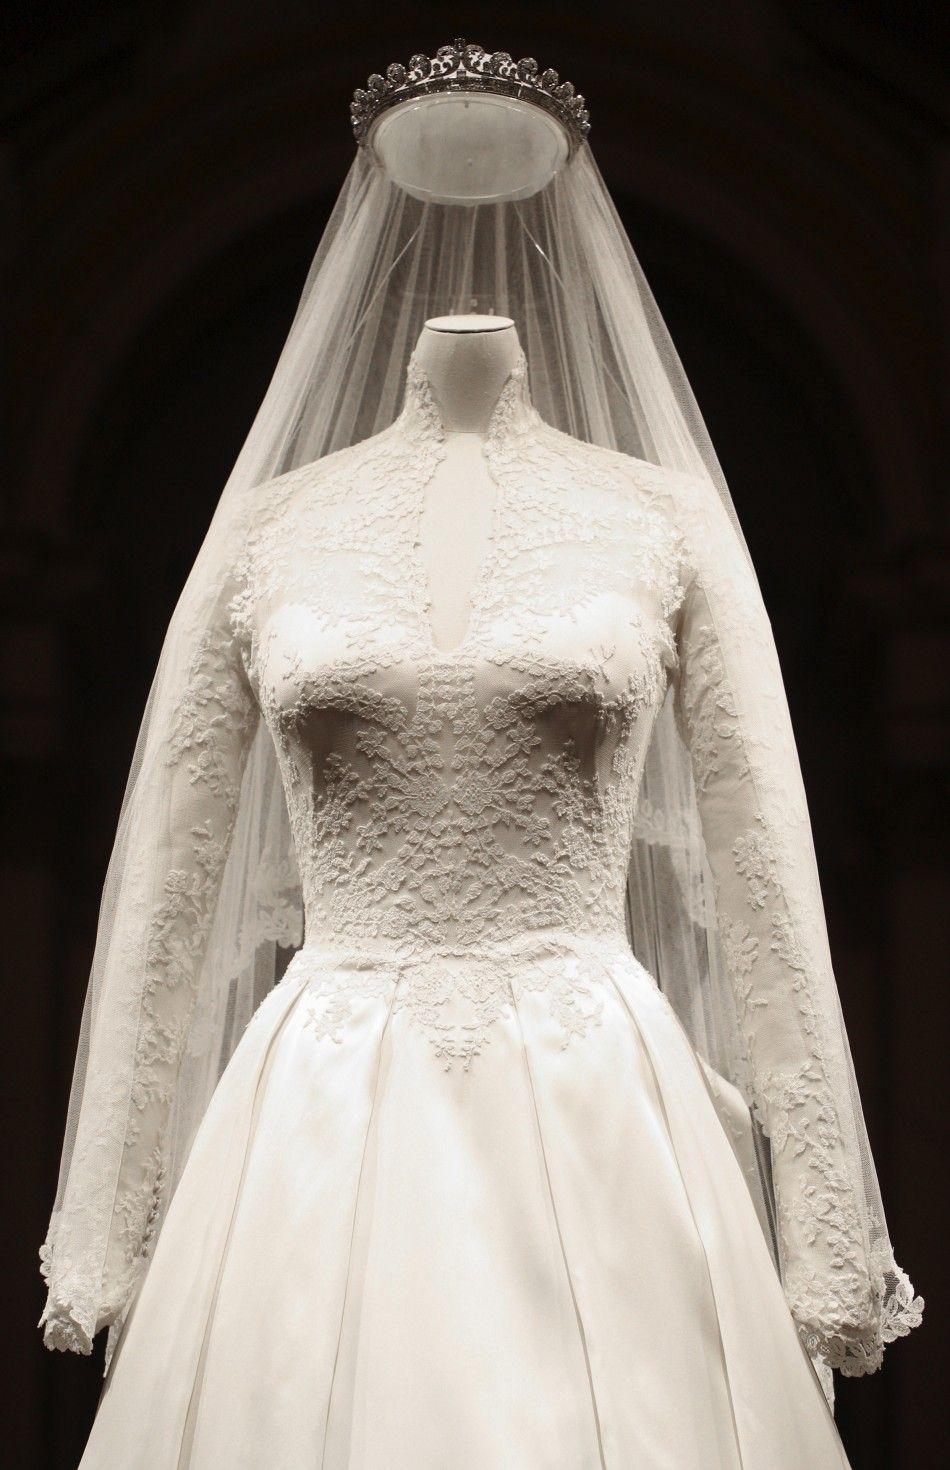 kate middleton's wedding dress on display